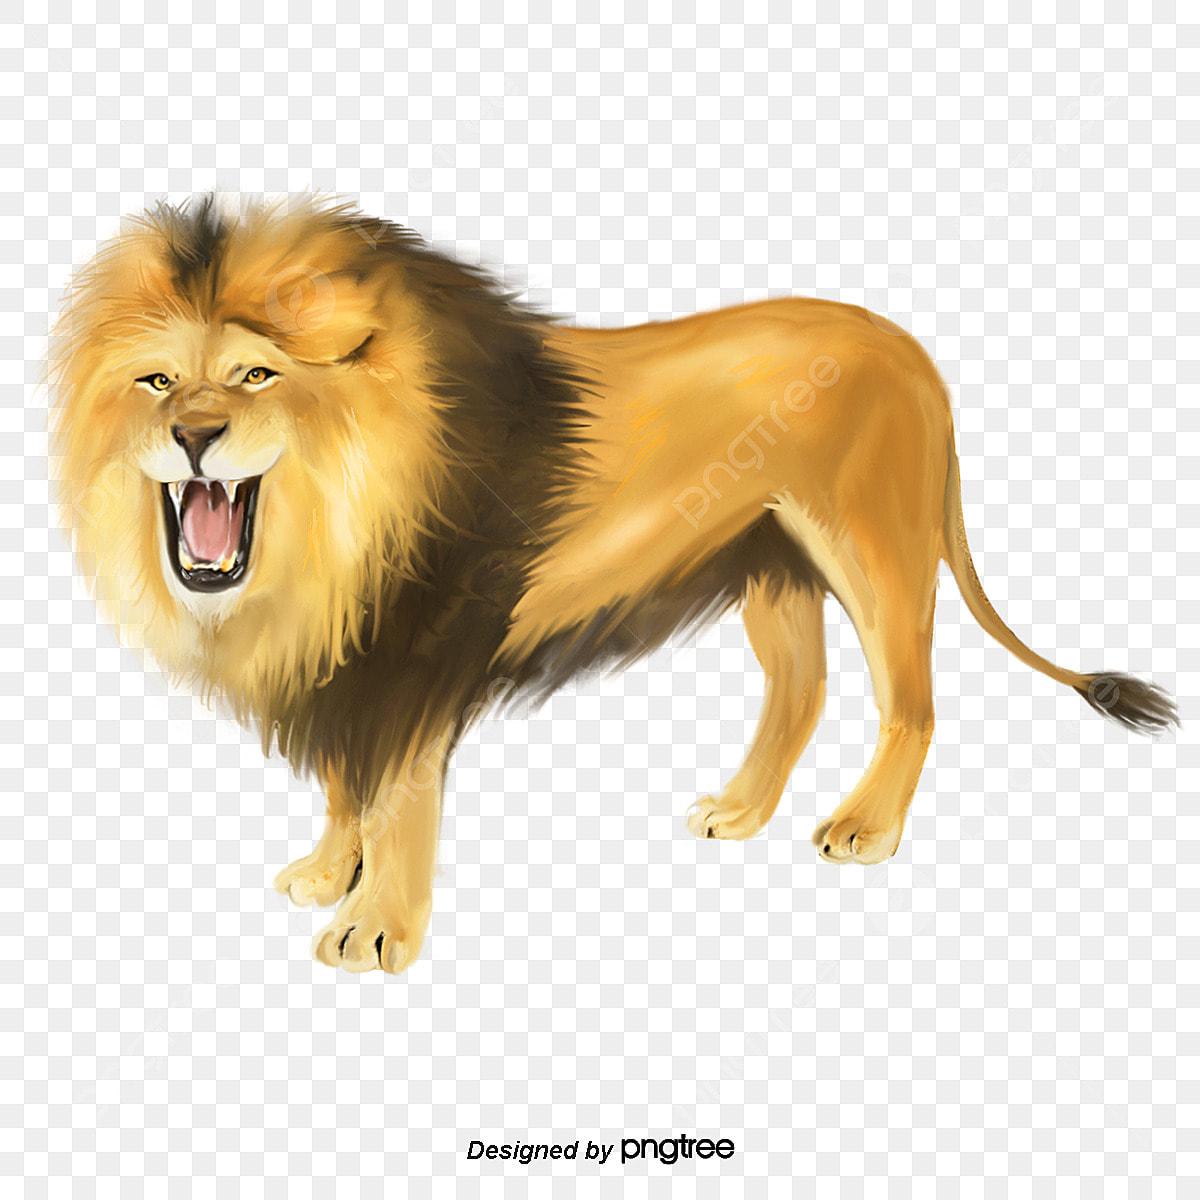 王元素 Rugido Do Leao Elementos Feroz Animal Arquivo Png E Psd